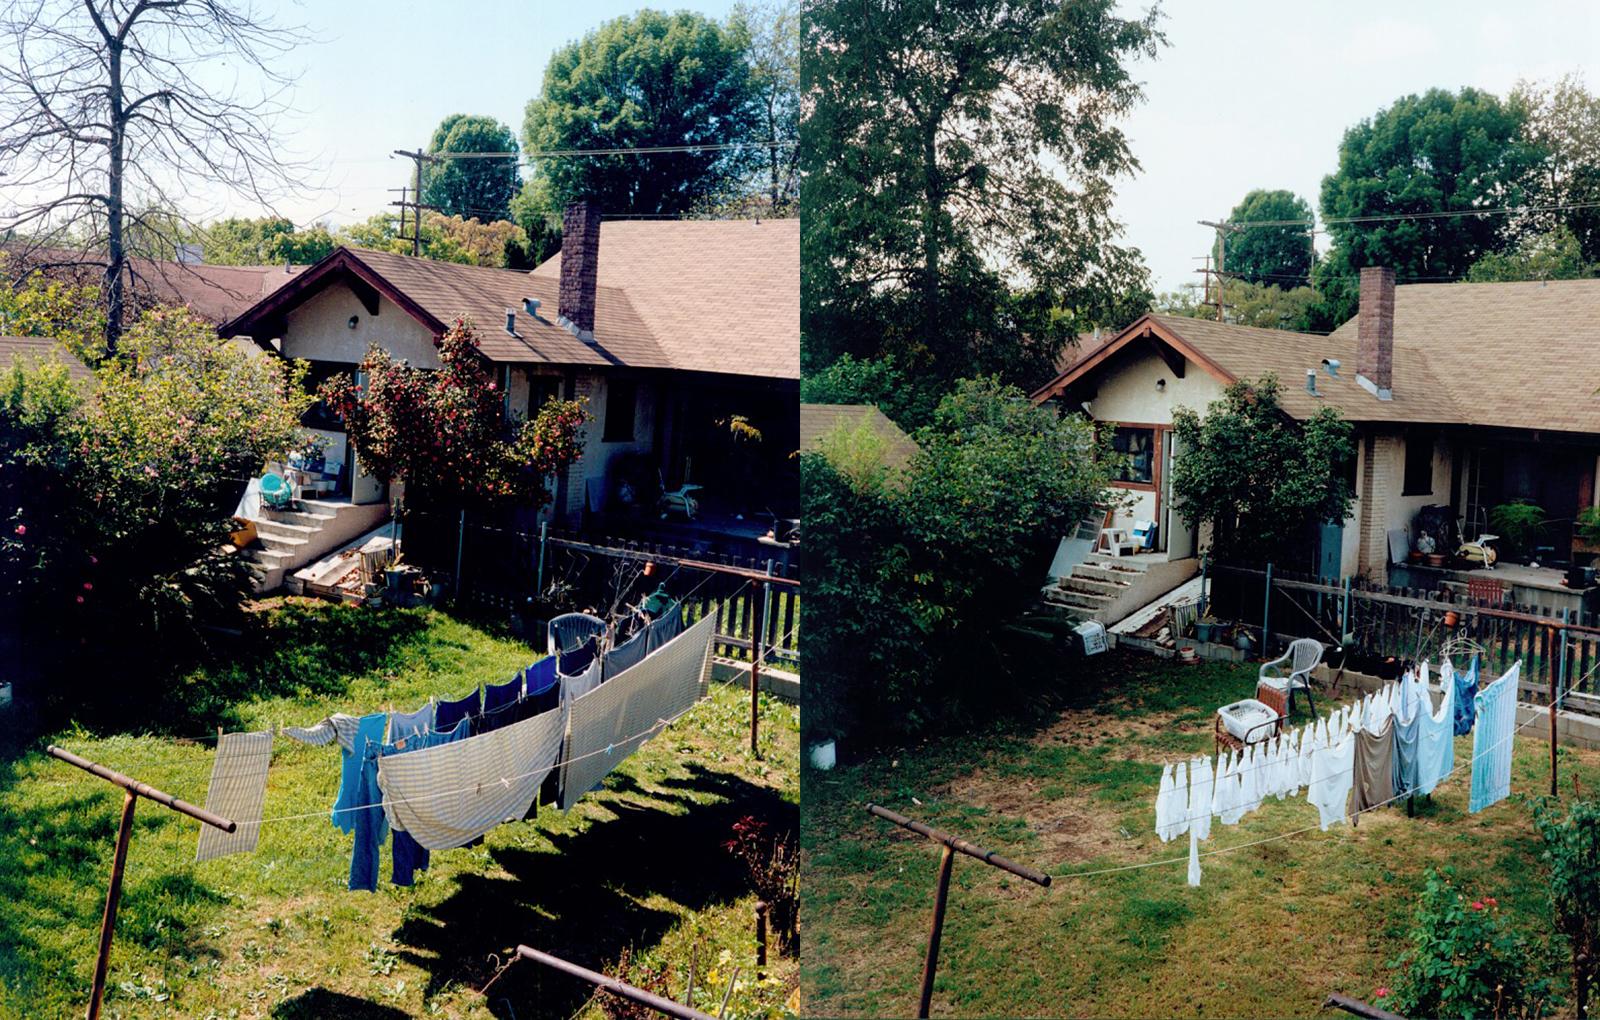 ec_backyard_40-41.jpg